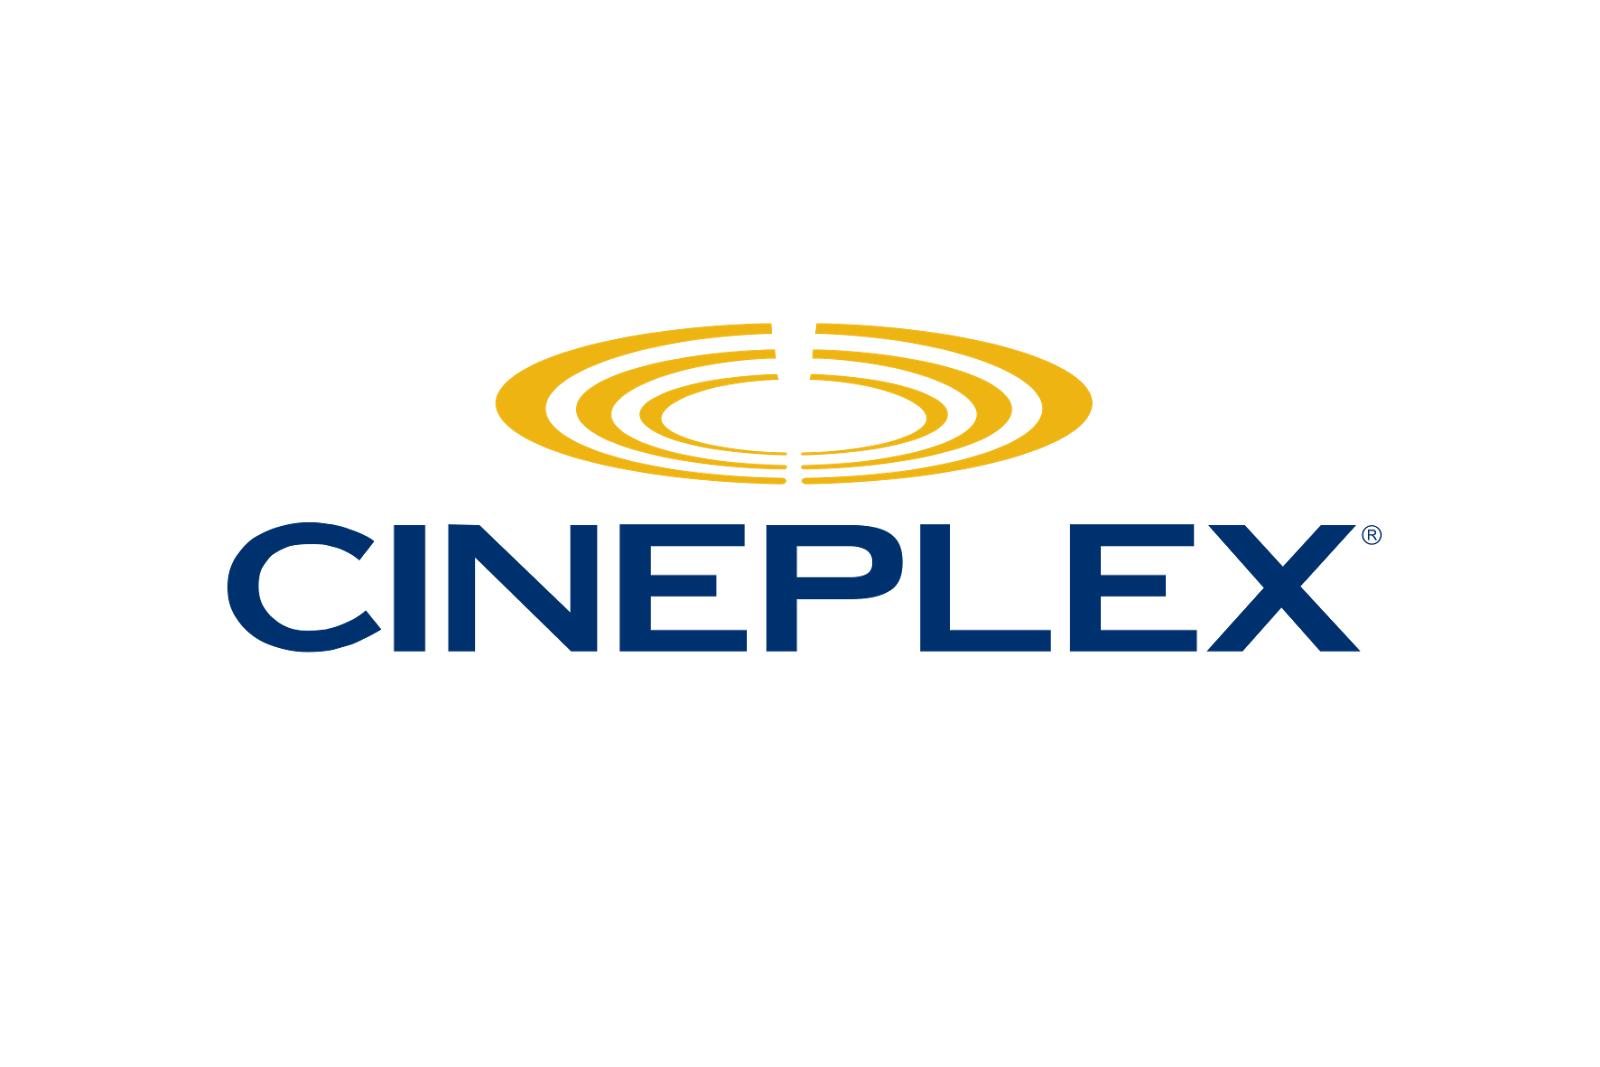 cineplex-logo